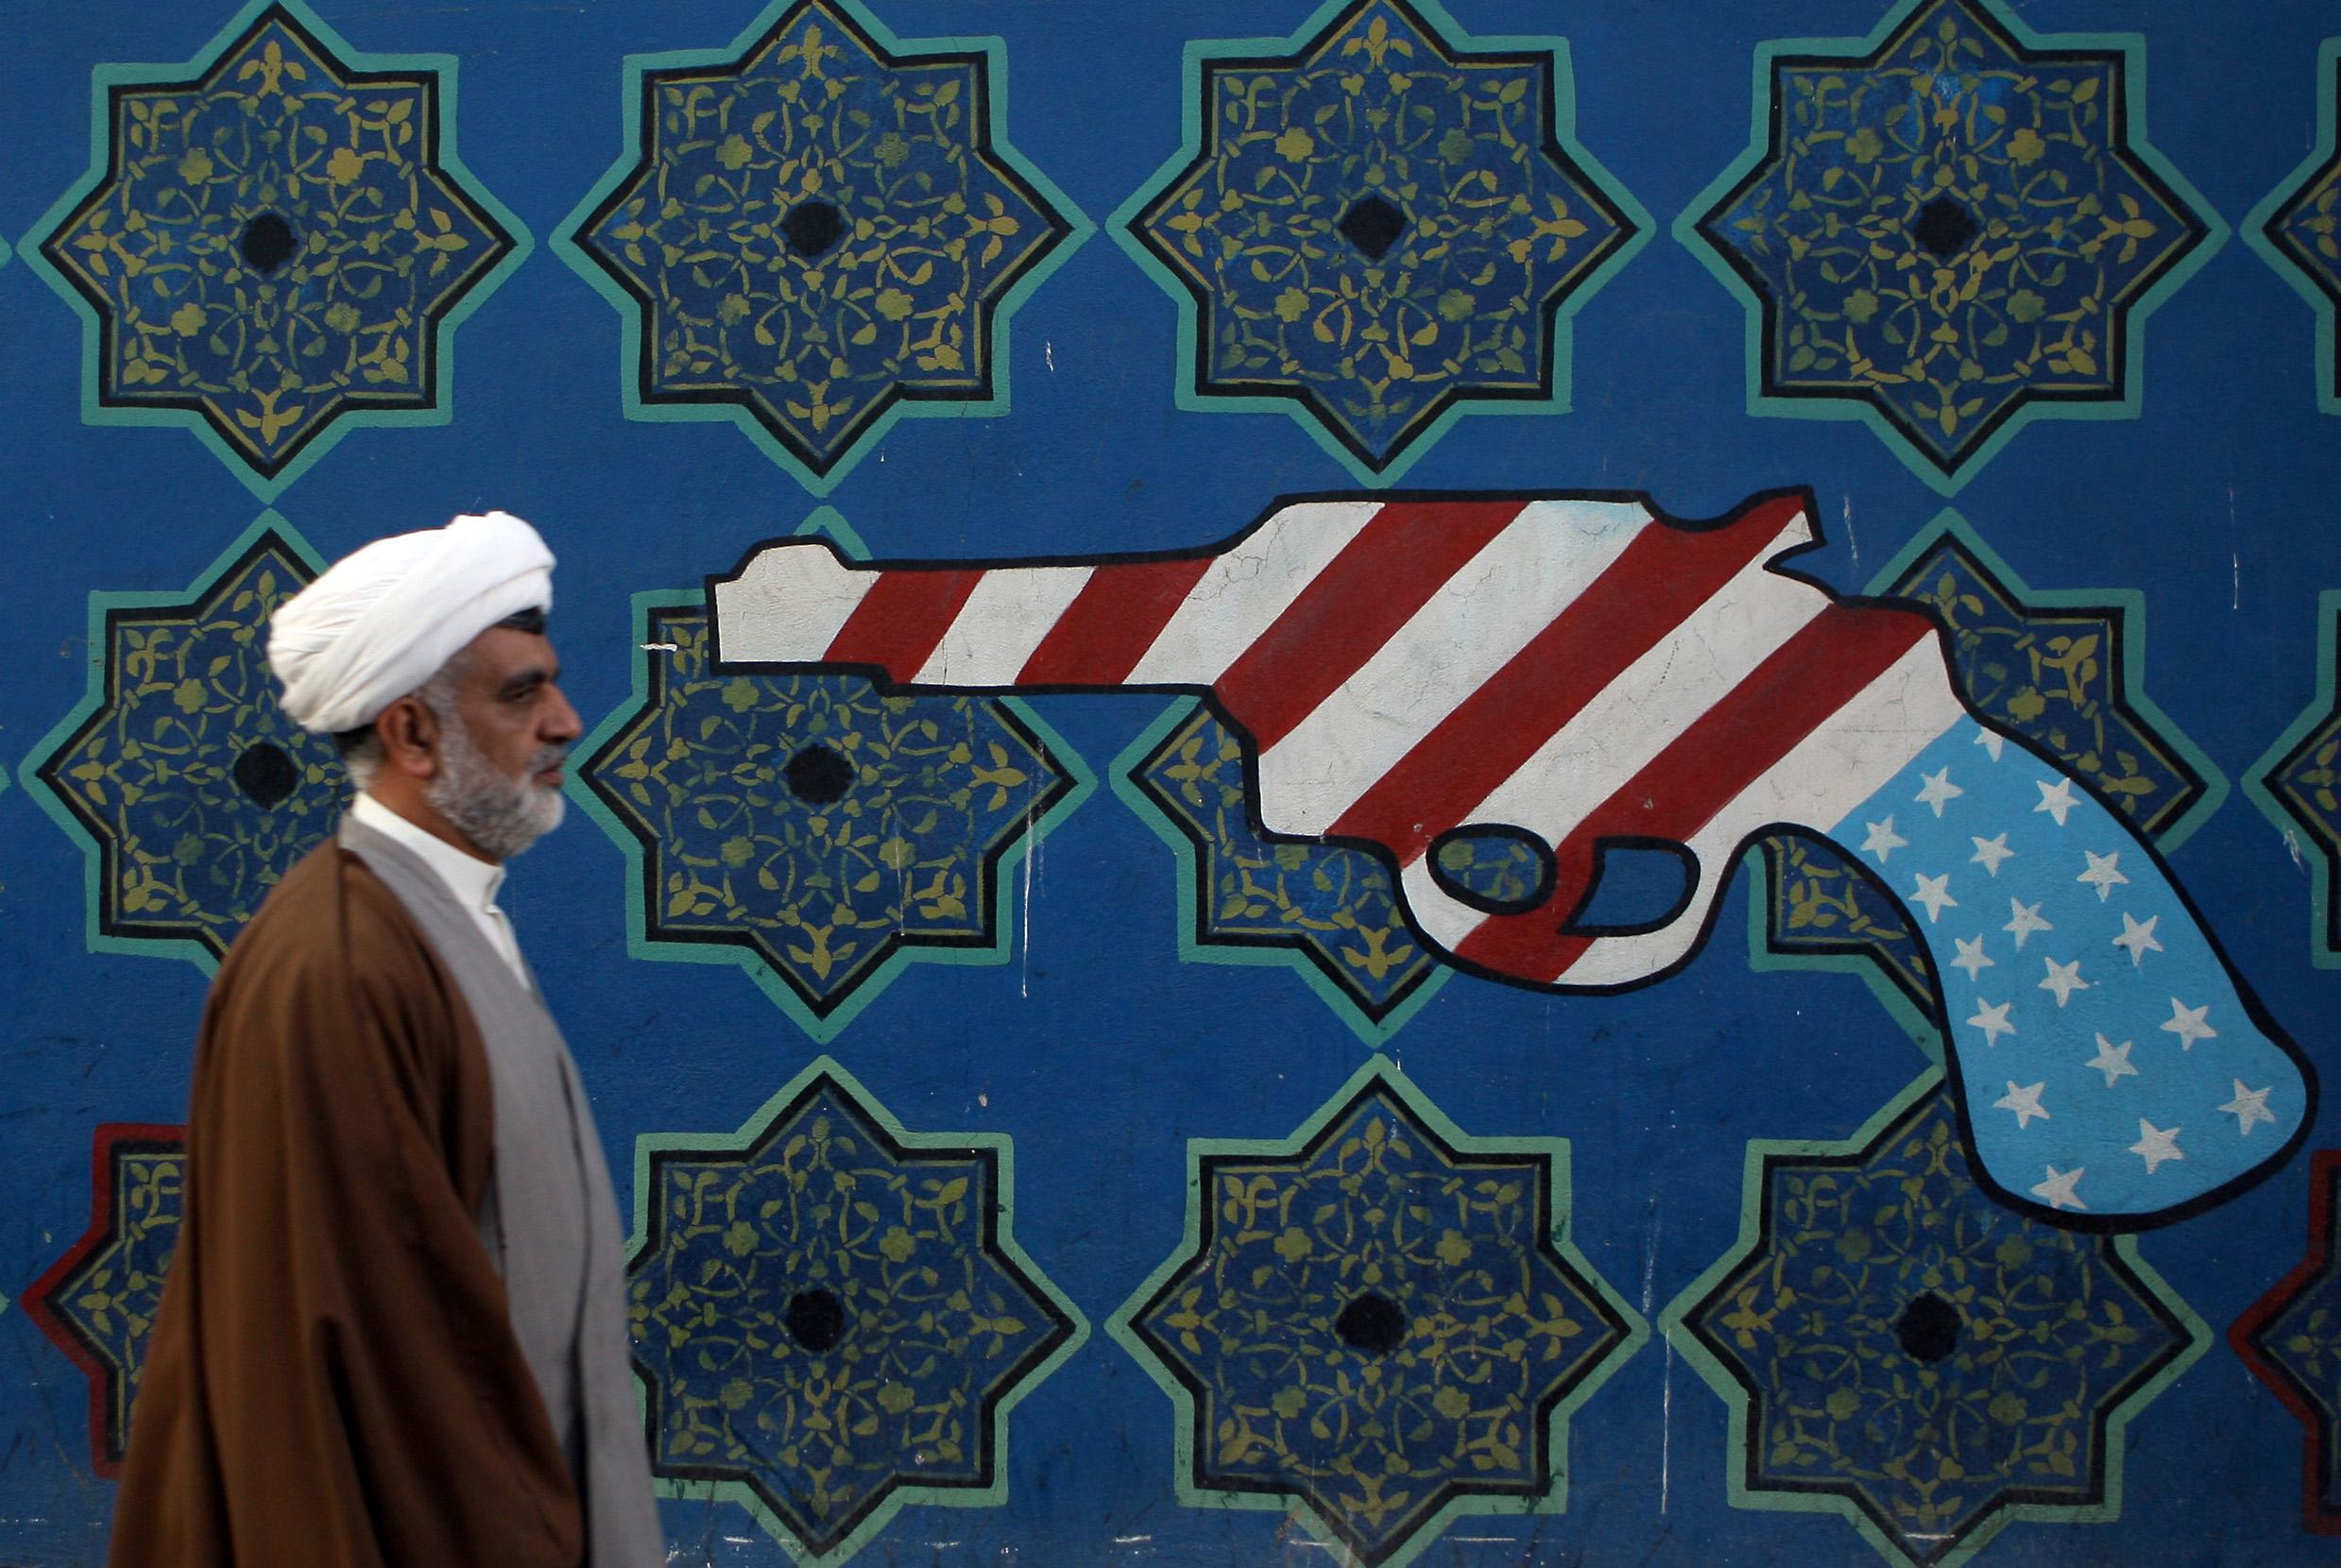 مصادر لـCNN: البيت الأبيض يبحث تصنيف الحرس الثوري الإيراني وجماعة الإخوان المسلمين بالمنظمات الإرهابية - CNNArabic.com